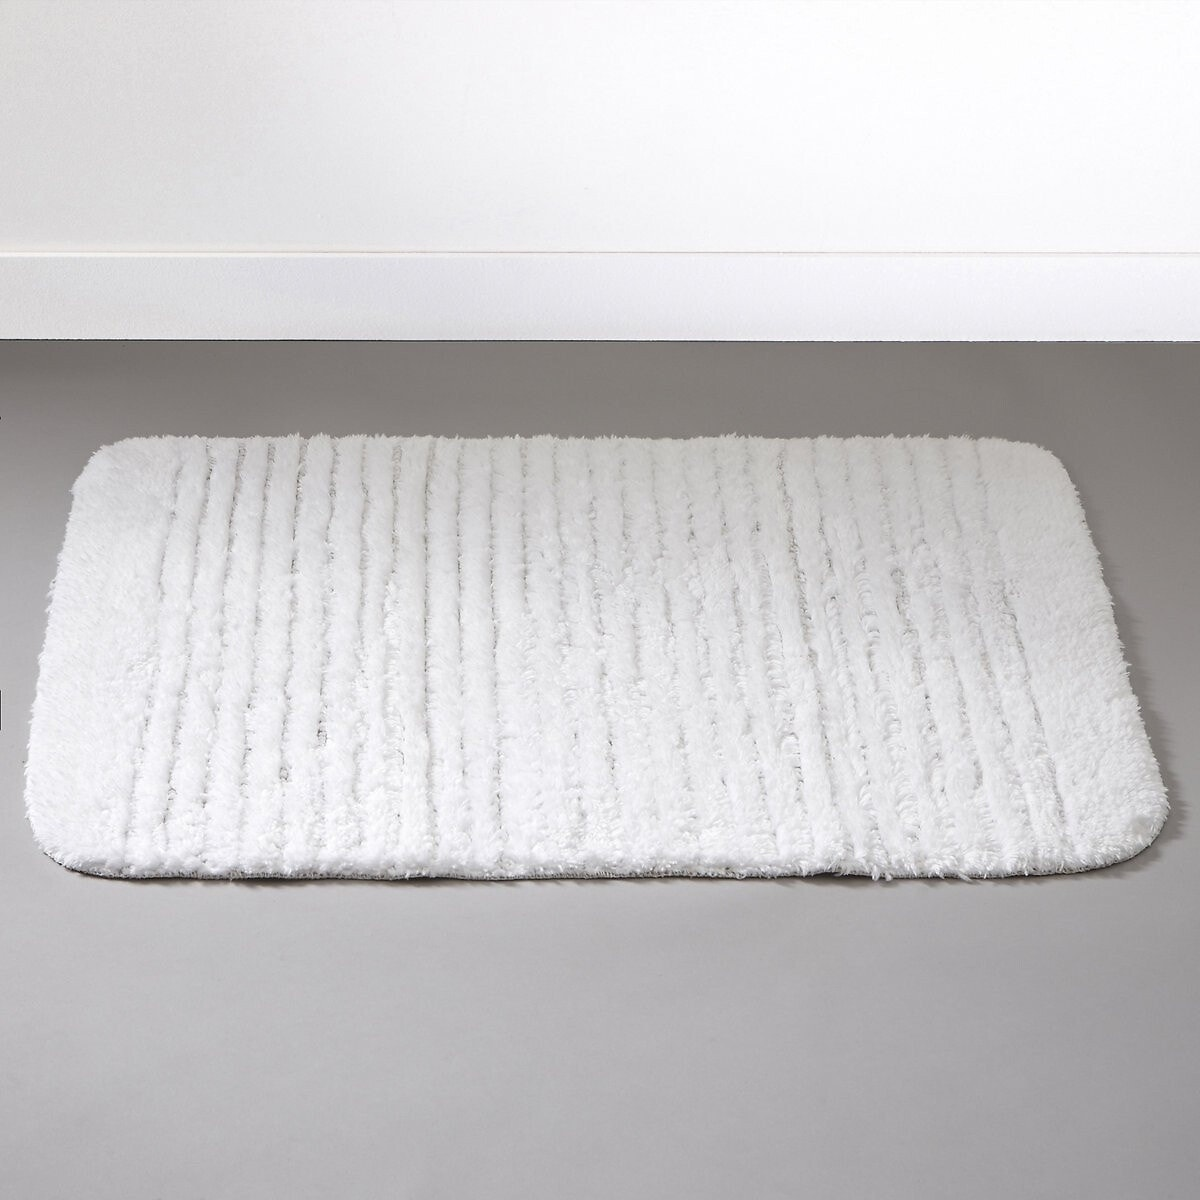 Μαλακό χαλάκι μπάνιου, 110 γρ. τ.μ. ΛΕΥΚΟ